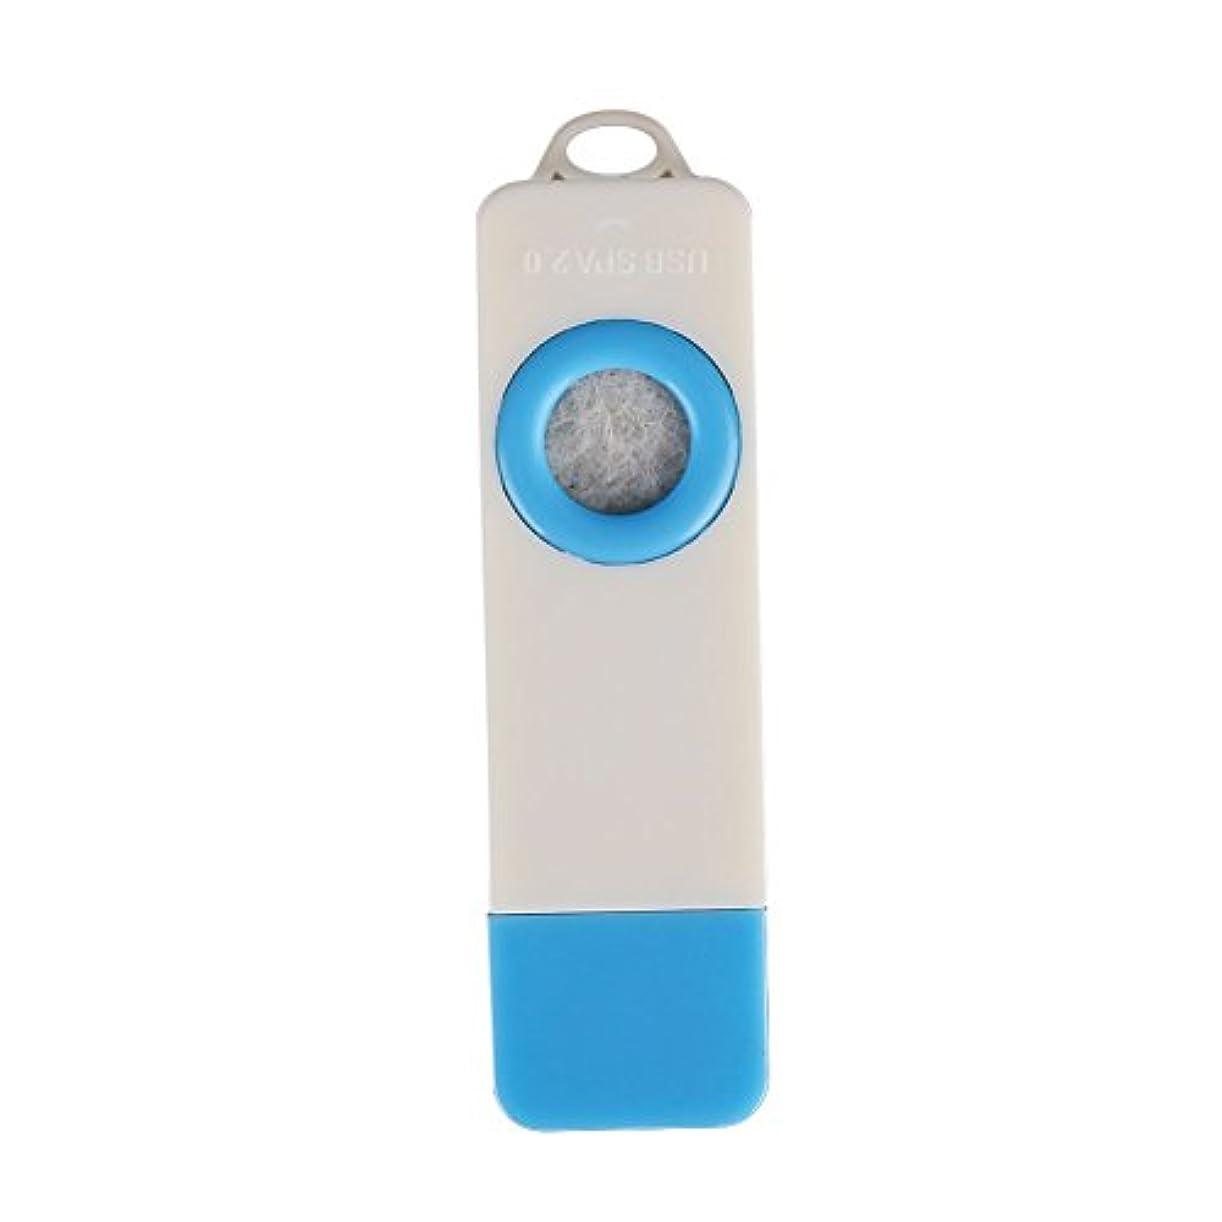 適切な野球頭TOPmountain ファッションミニ USBアロマセラピーディフューザー ポータブル自動香 カーアクセサリーアクセサリー ホームアロマセラピー 健康アロマ オイル加湿器